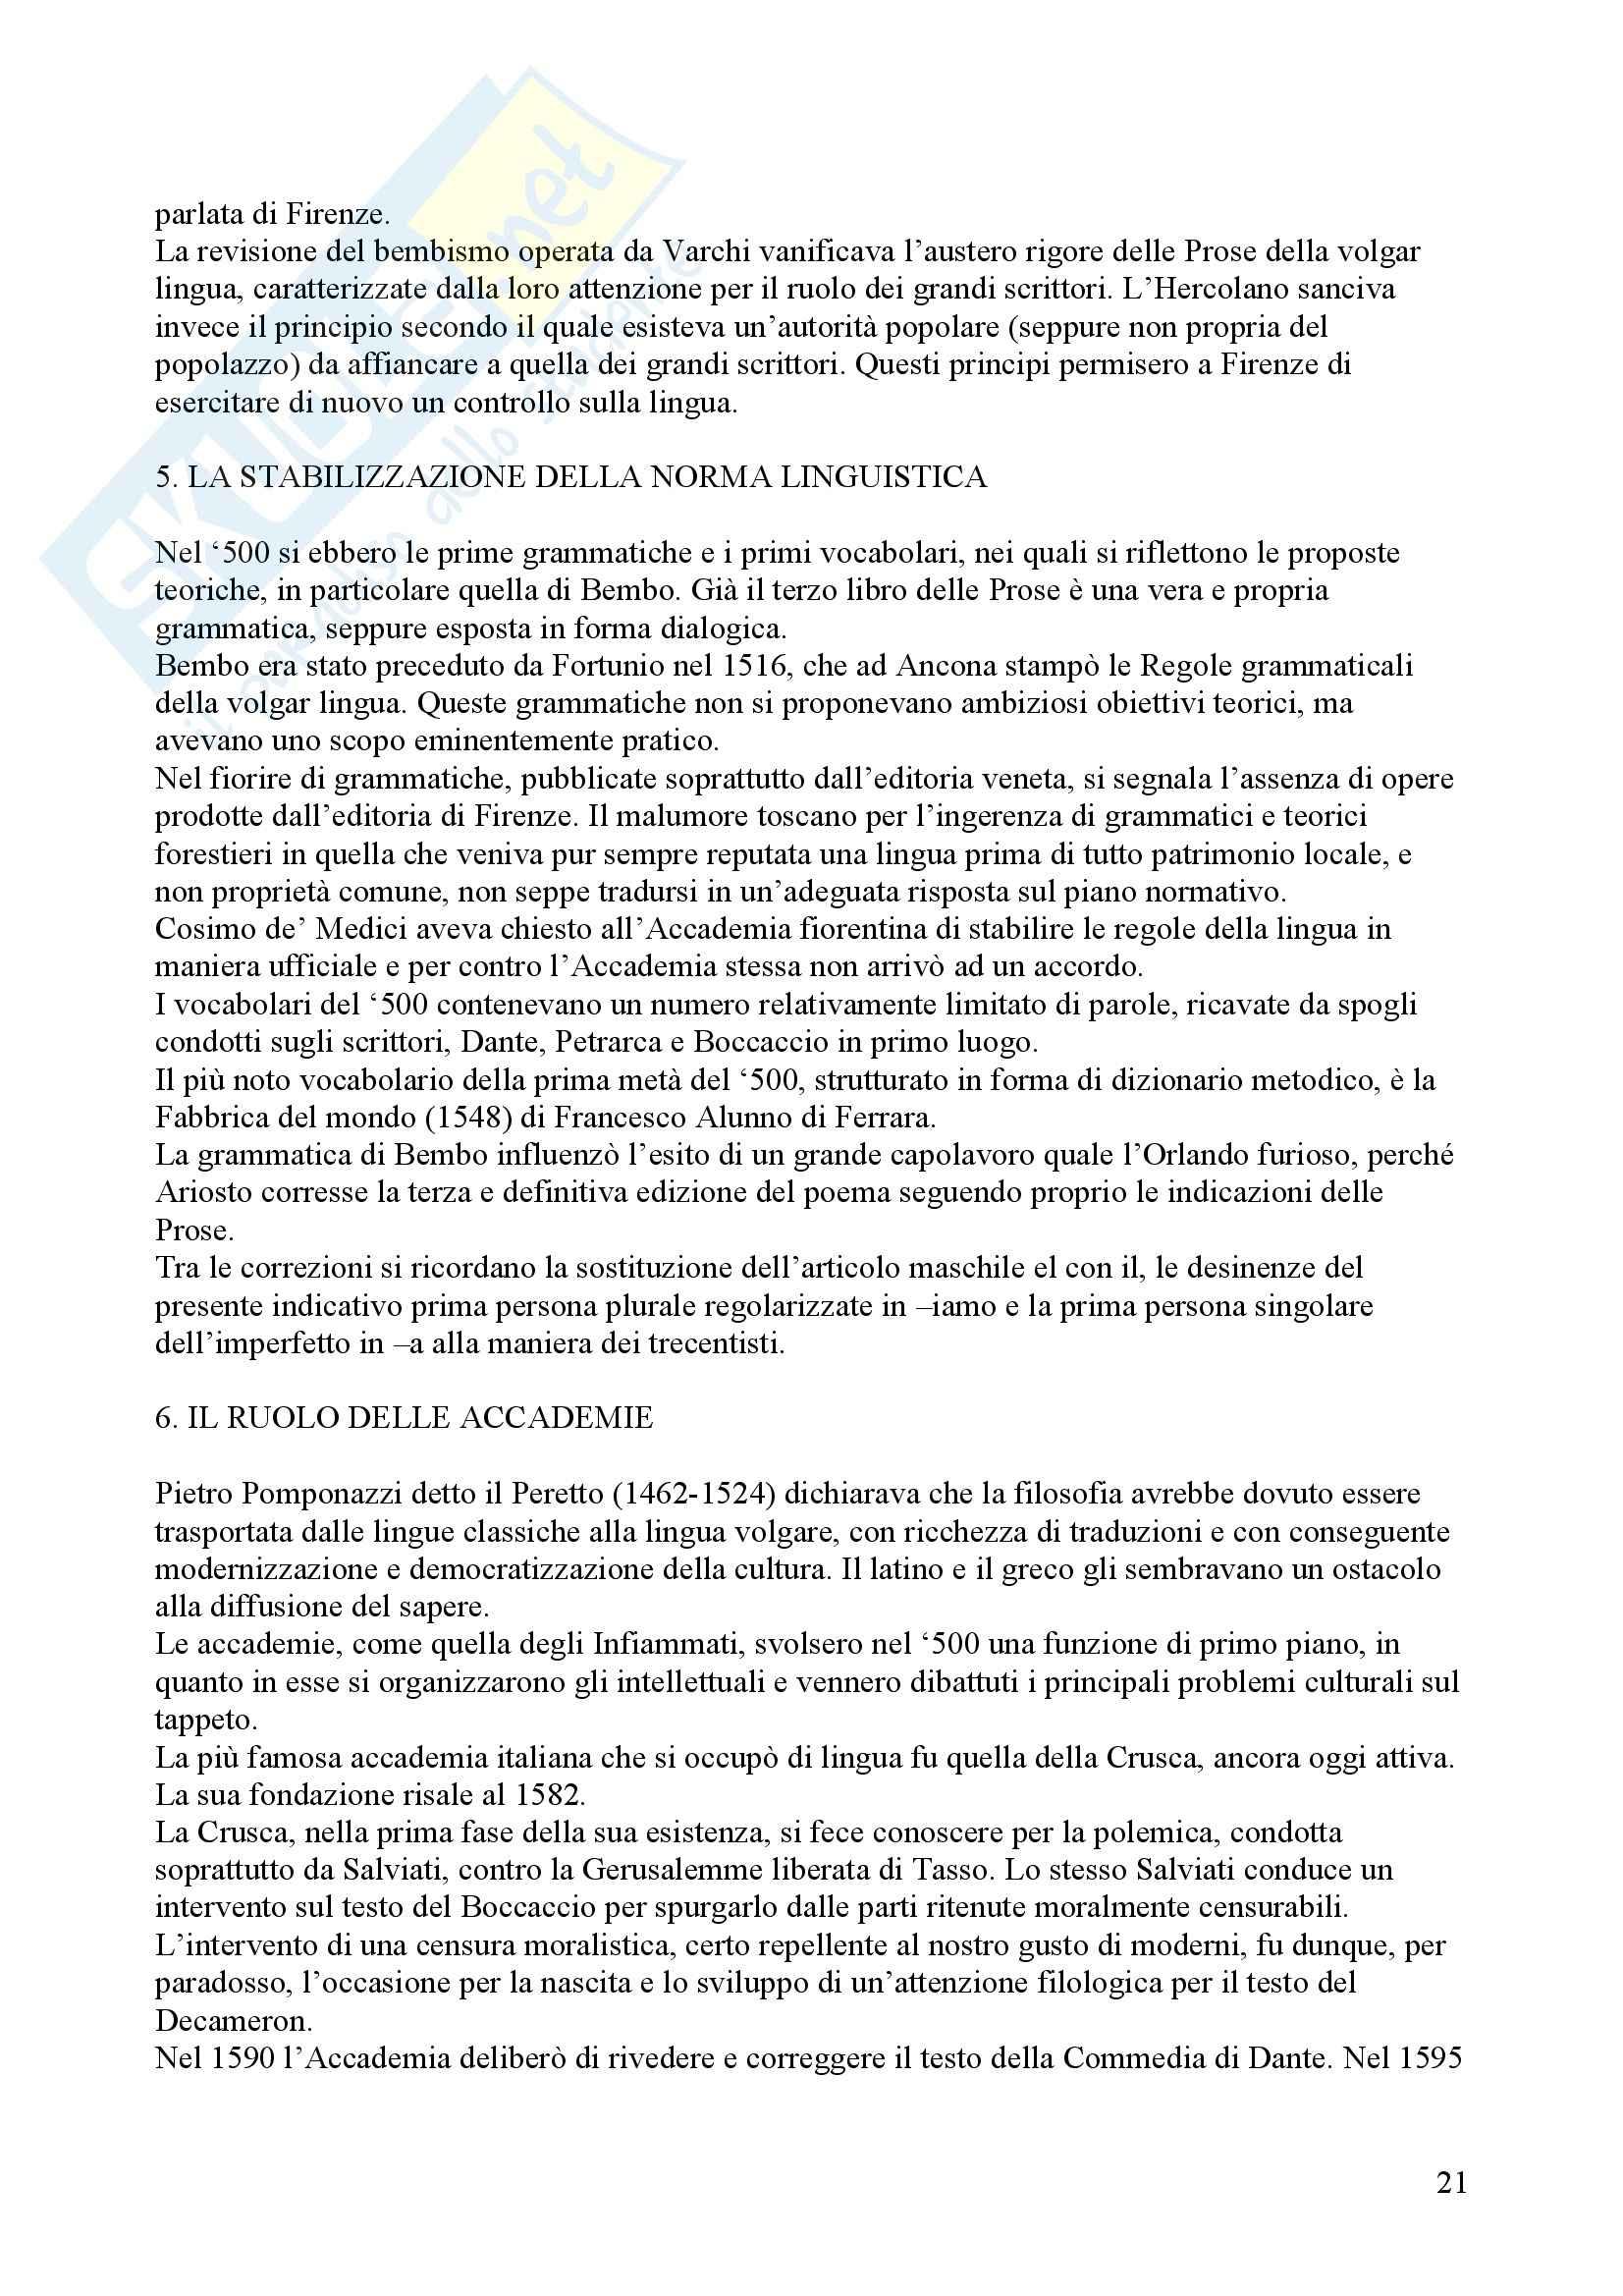 Tecniche espressive e composizione testi in italiano - Claudio Marazzini - breve storia della lingua italiana Pag. 21